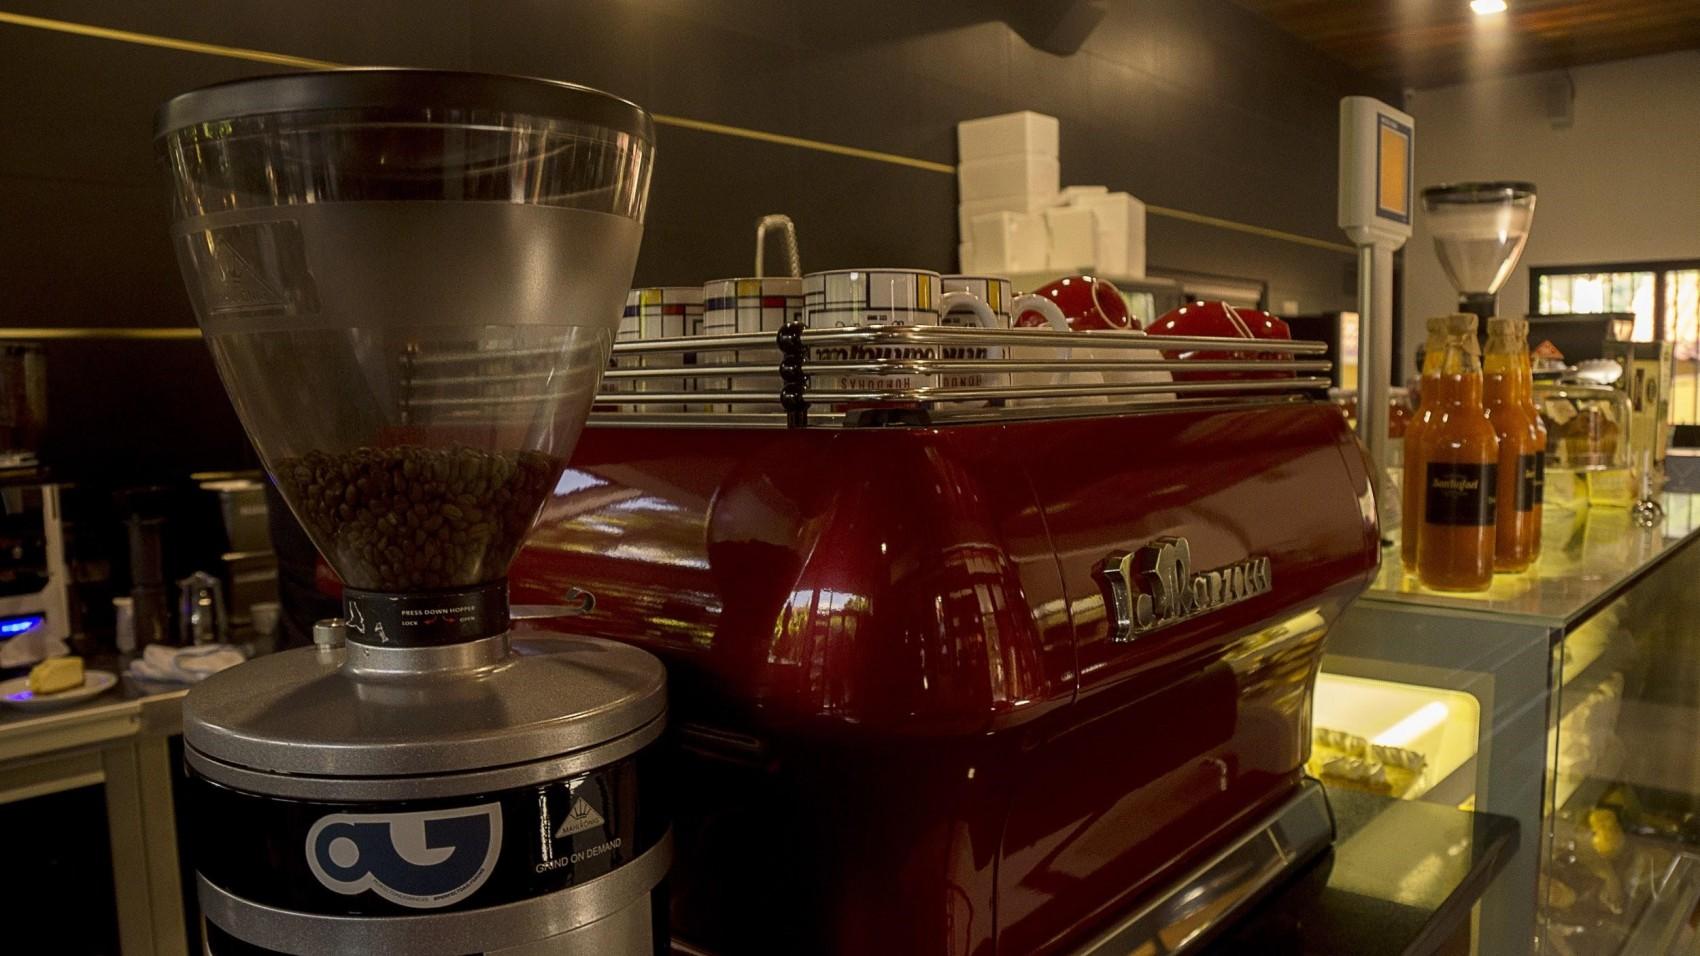 una barra de cafe con molino y maquina espresso